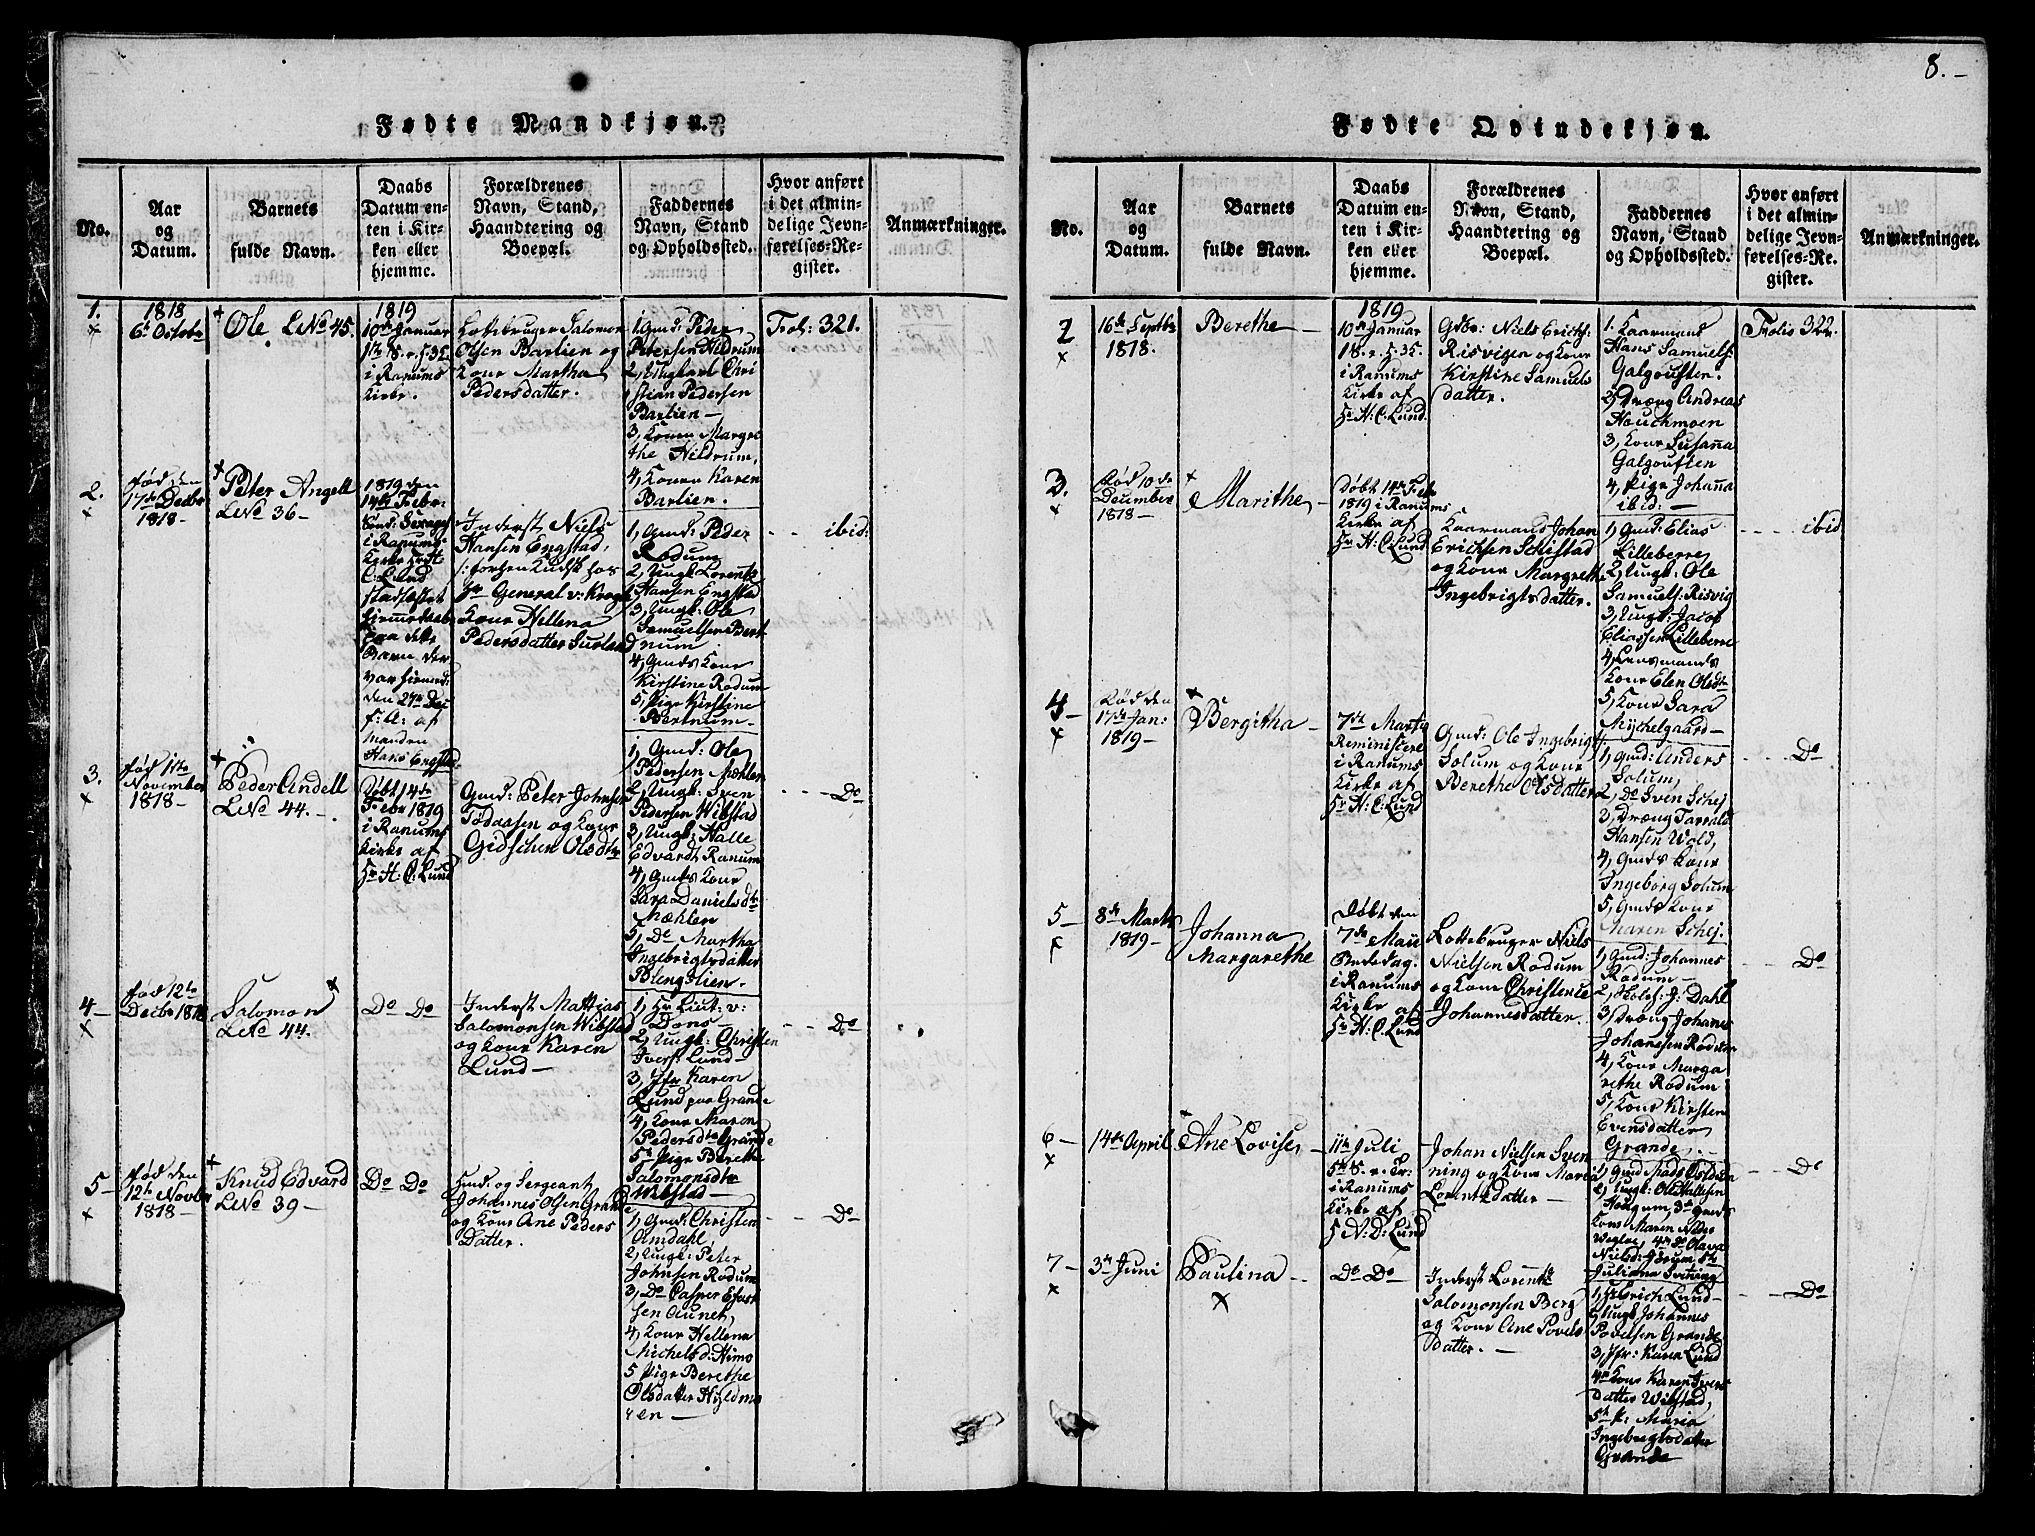 SAT, Ministerialprotokoller, klokkerbøker og fødselsregistre - Nord-Trøndelag, 764/L0546: Ministerialbok nr. 764A06 /1, 1816-1823, s. 8